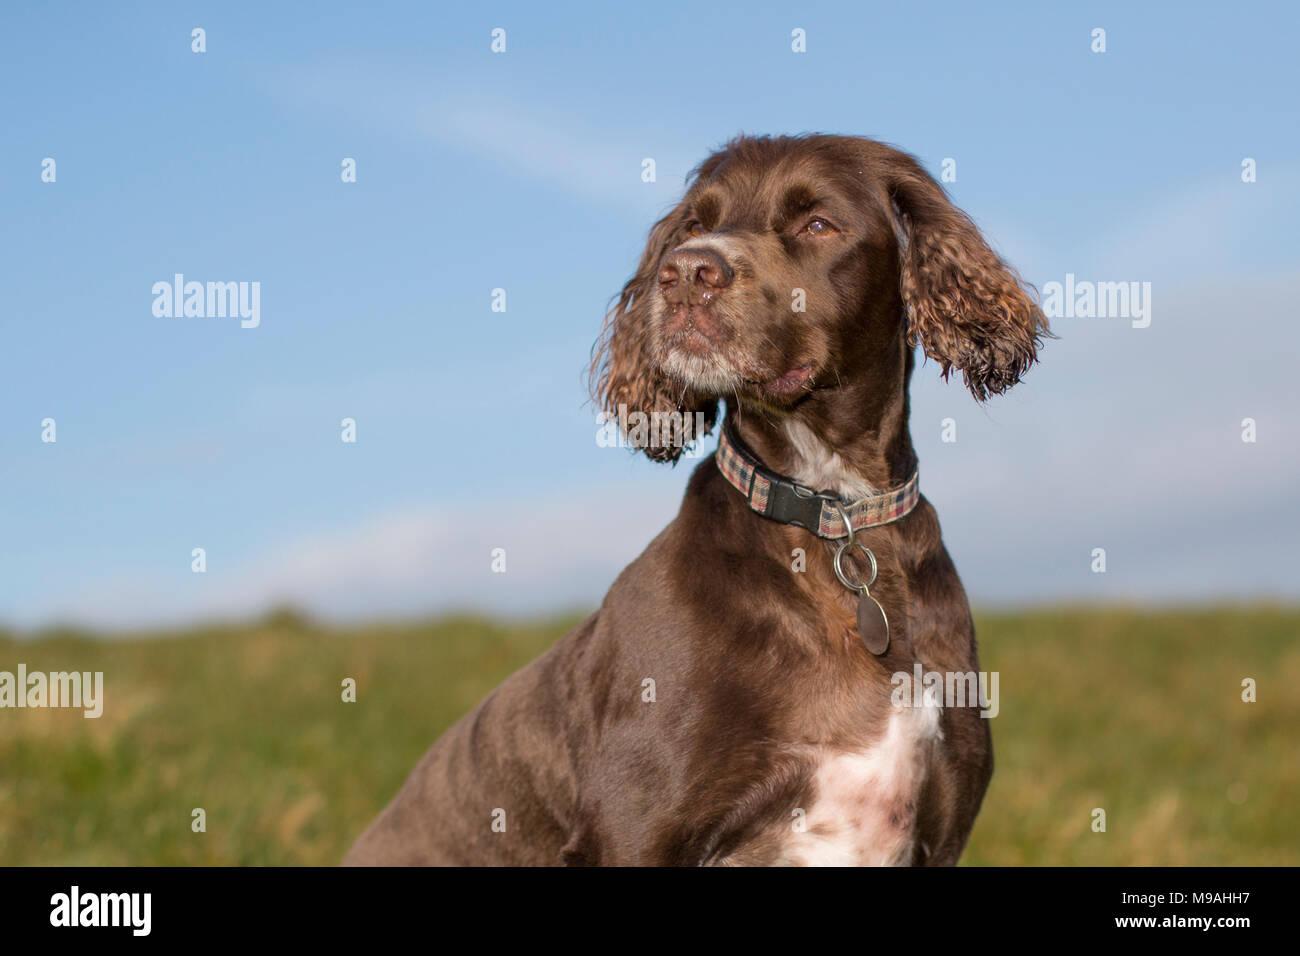 Un retrato de un perro de pedigrí trabajando cockers spaniel marrón chocolate de cabeza y hombros retrato al aire libre con fondo de cielo azul Foto de stock